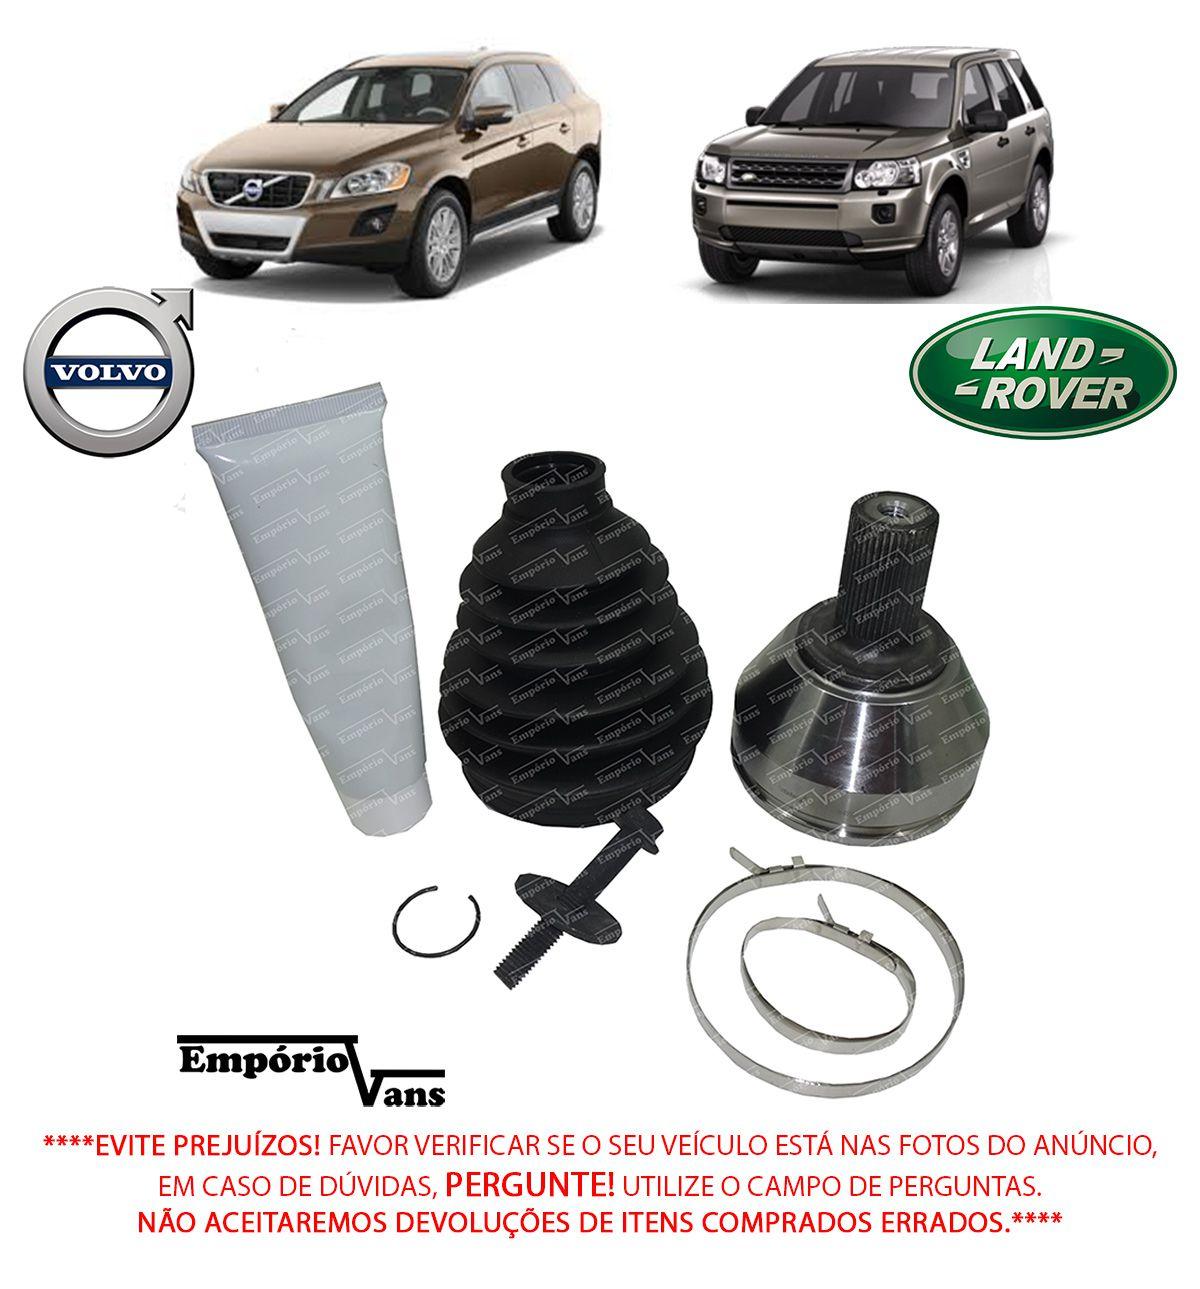 Junta Homocinetica Land Rover Freelander 06... Volvo XC60 08...